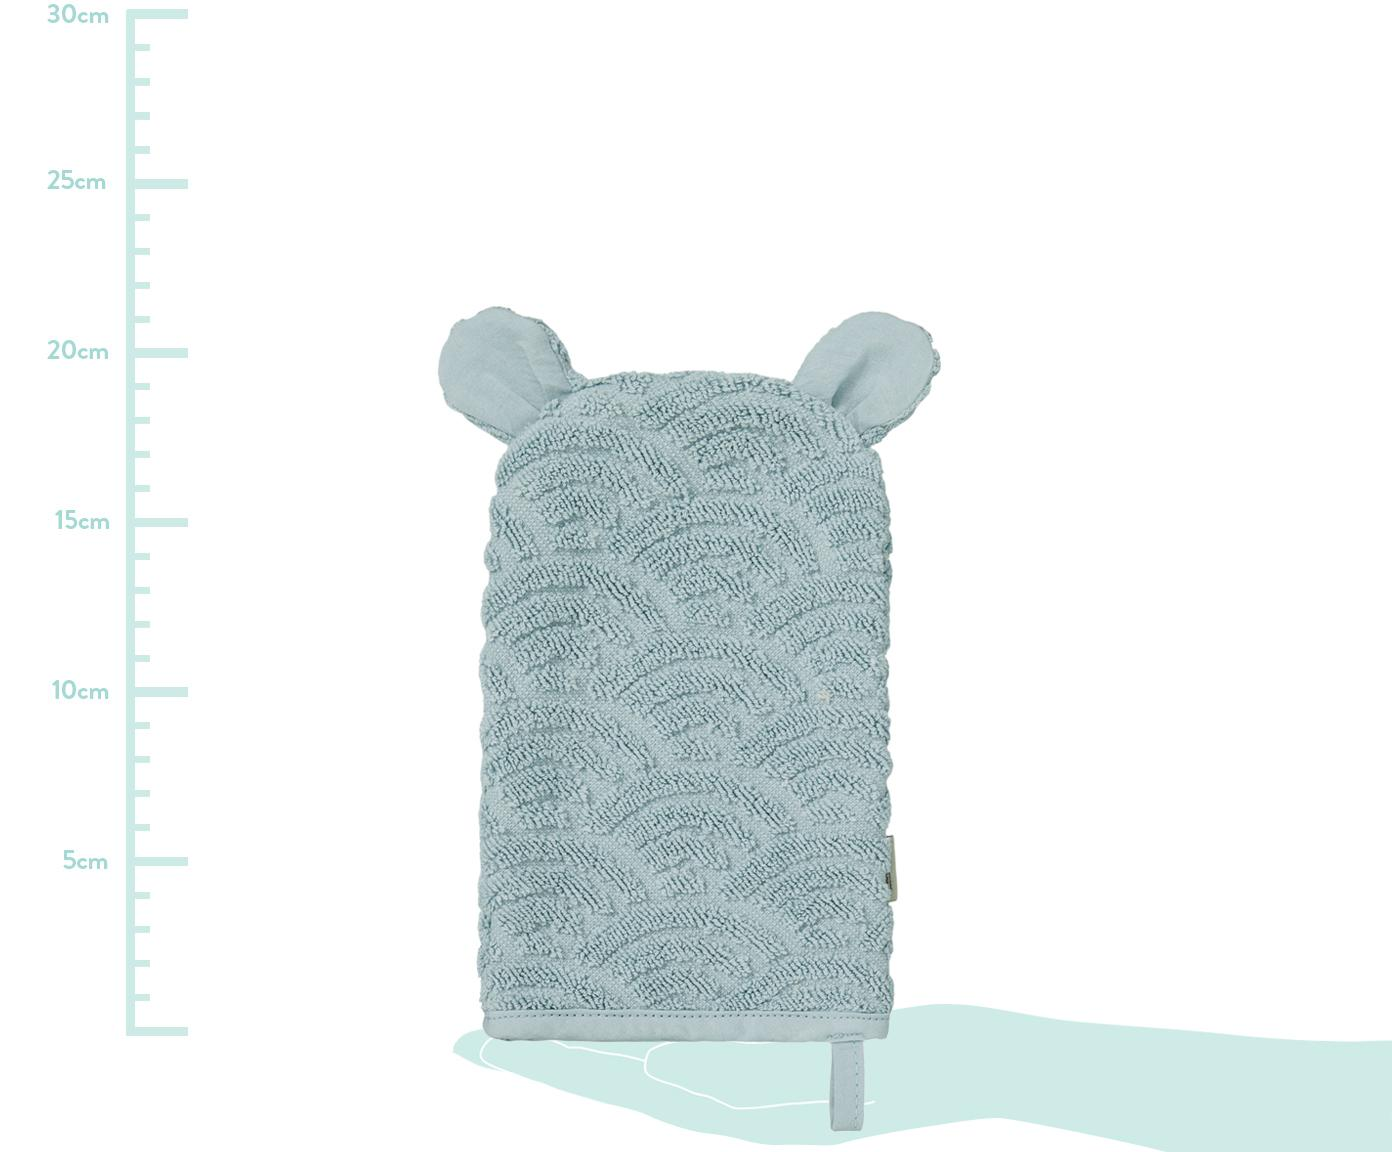 Waschlappen Wave aus Bio-Baumwolle, Bio-Baumwolle, GOTS-zertifiziert, Blau, 15 x 22 cm